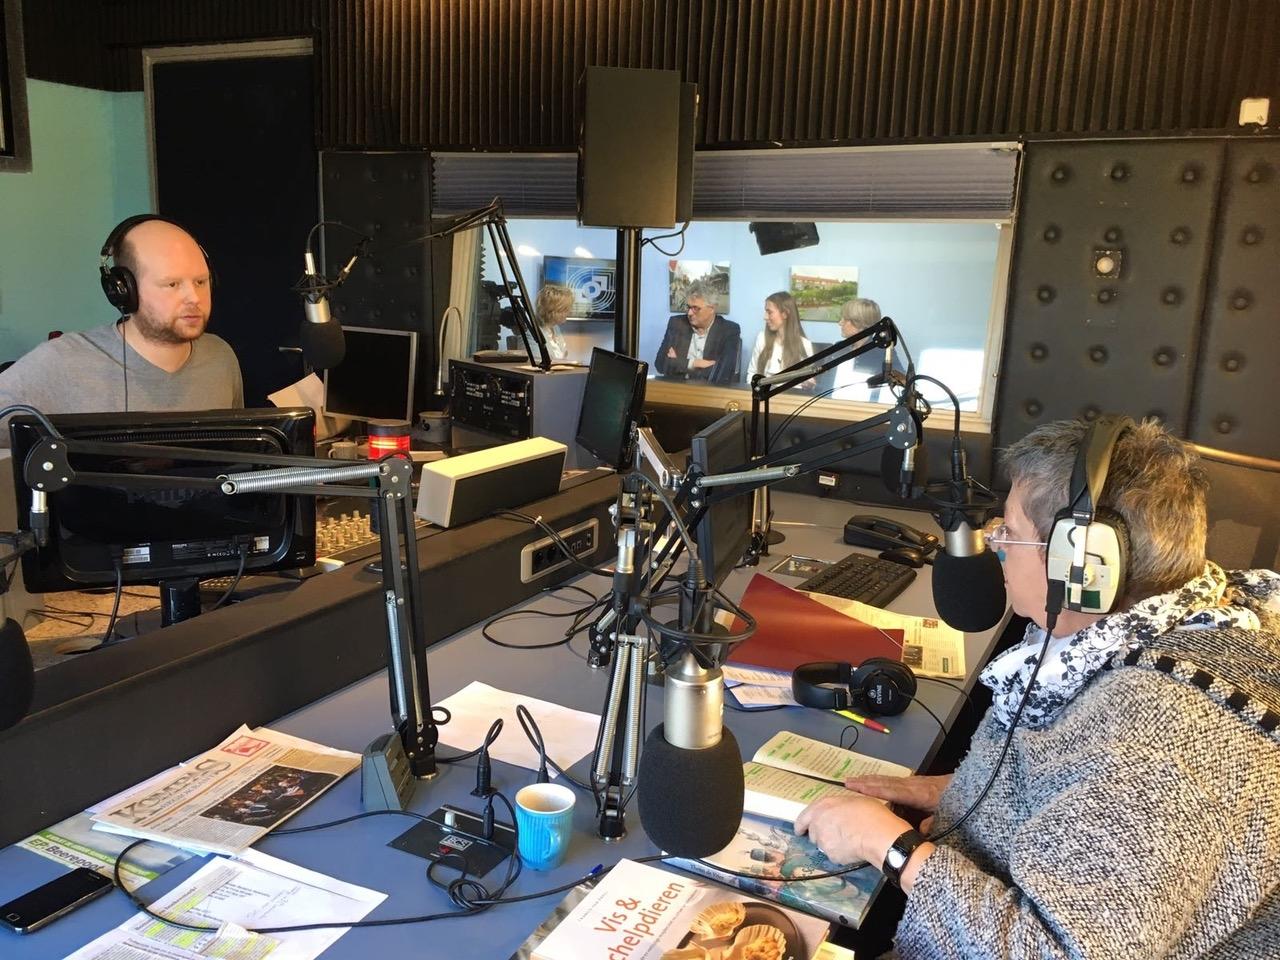 De LOL radio- en tv-studio nu. (Foto: aangeleverd)